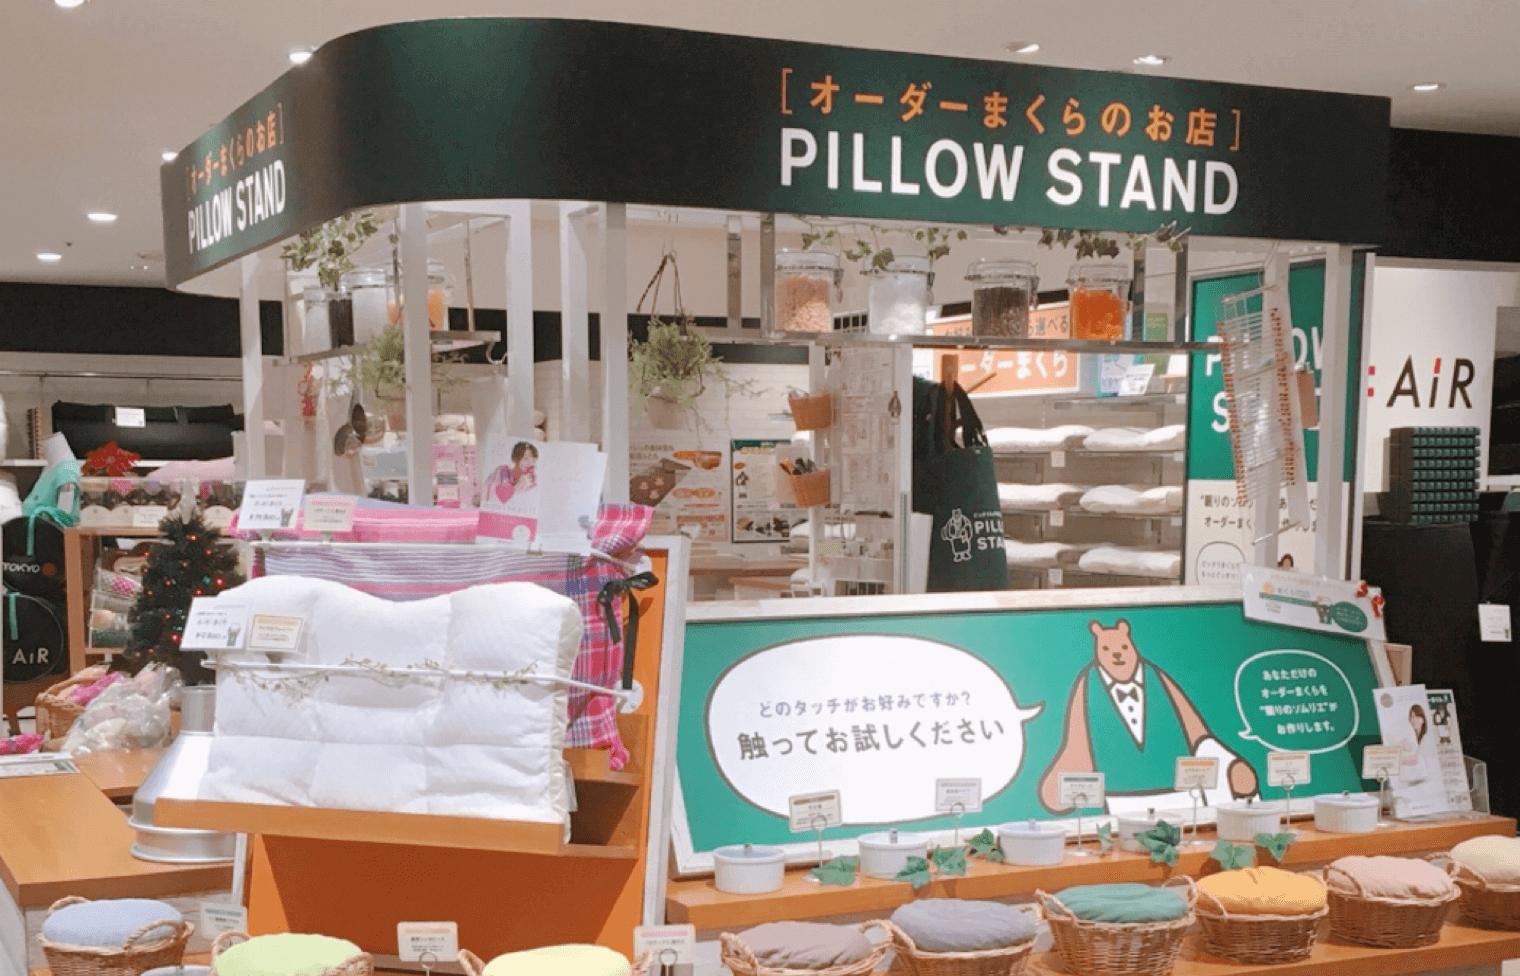 ピロースタンド 東急プラザ蒲田店